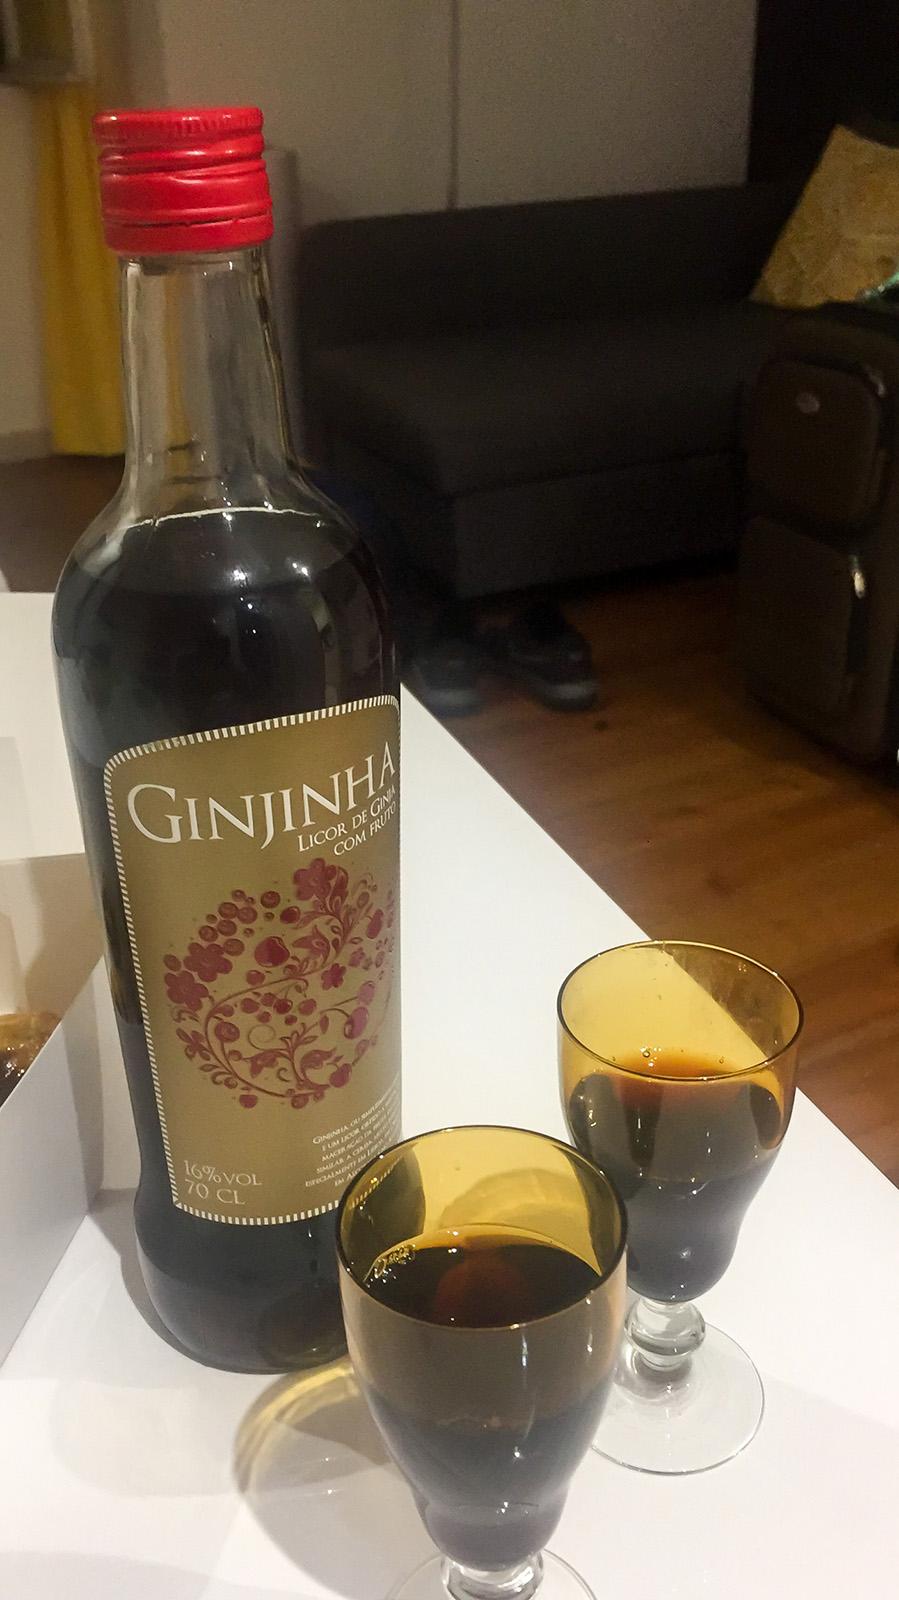 Ginjinha.jpg